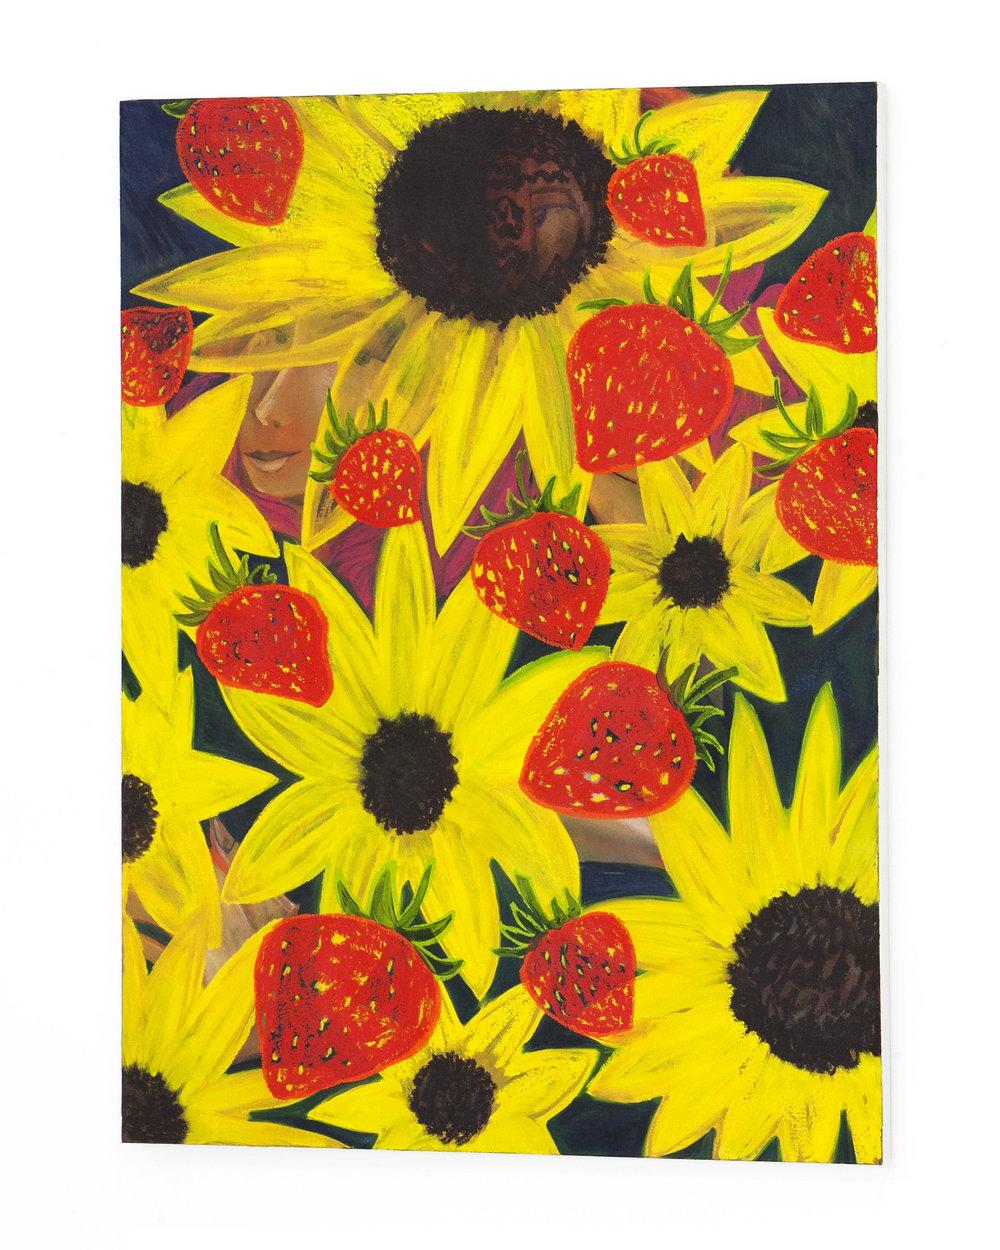 samspano_sunflowerstrawberry_4.jpg